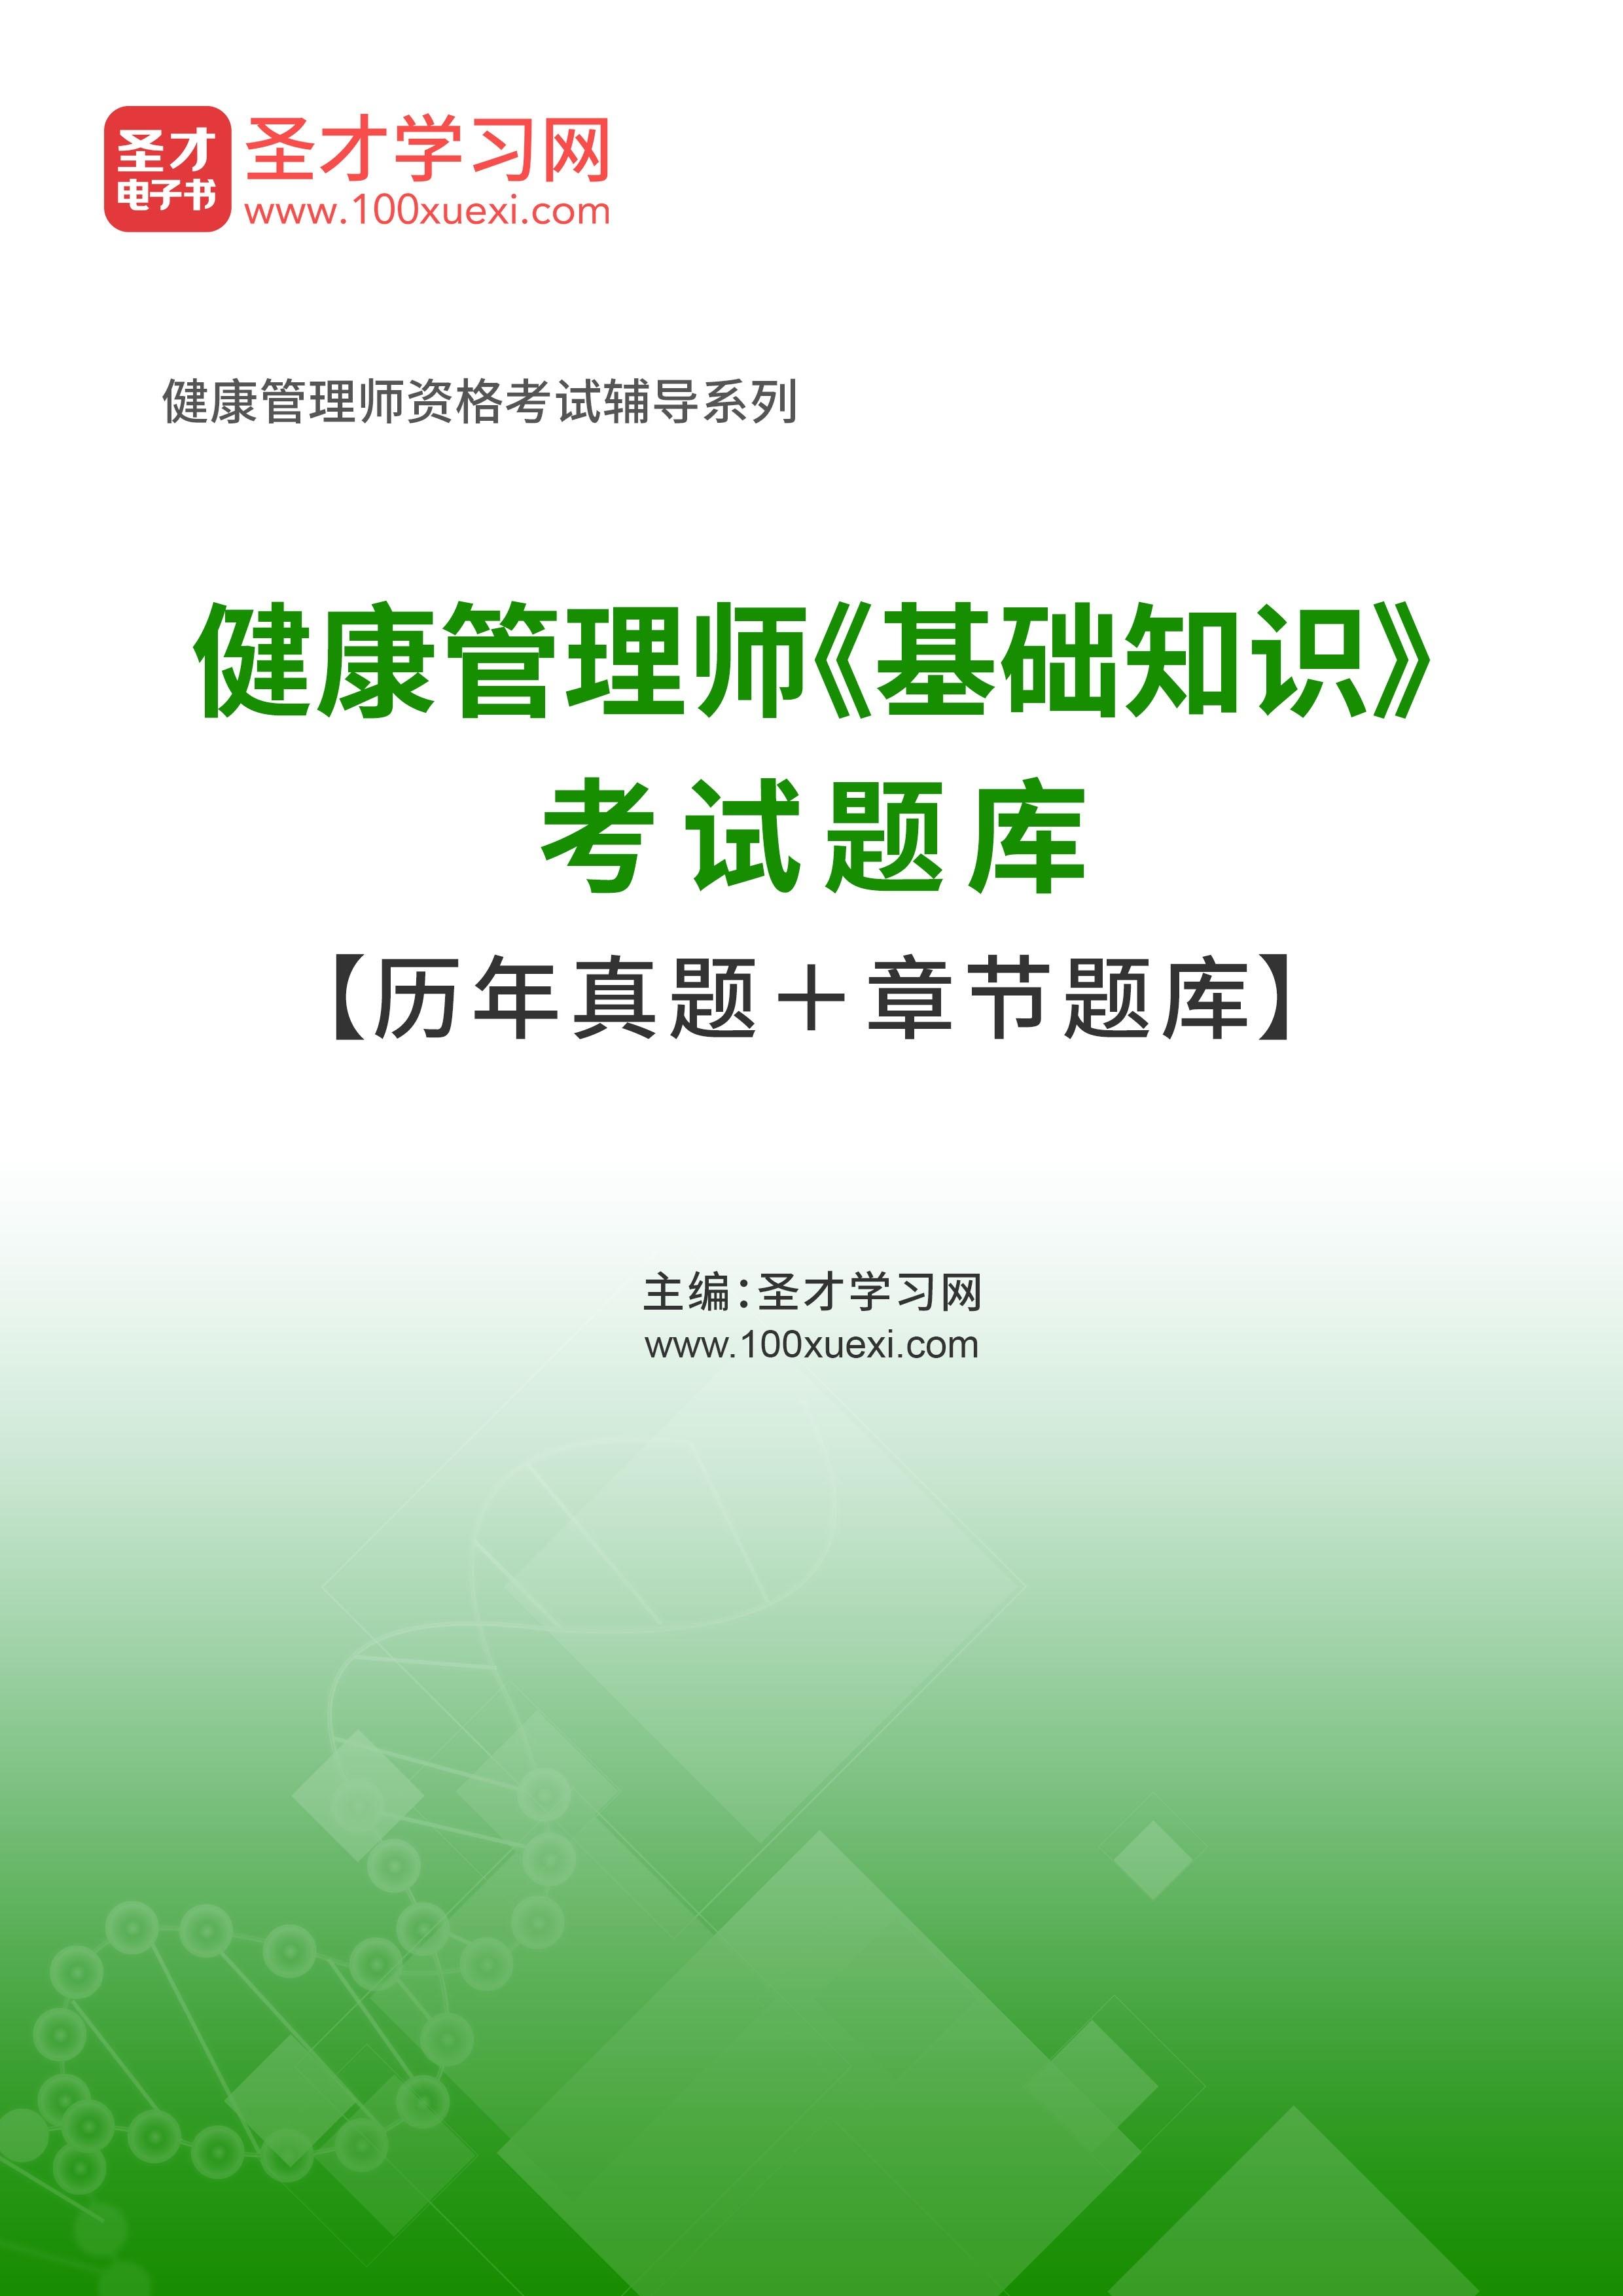 2021年健康管理師《基礎知識》考試題庫【歷年真題+章節題庫】